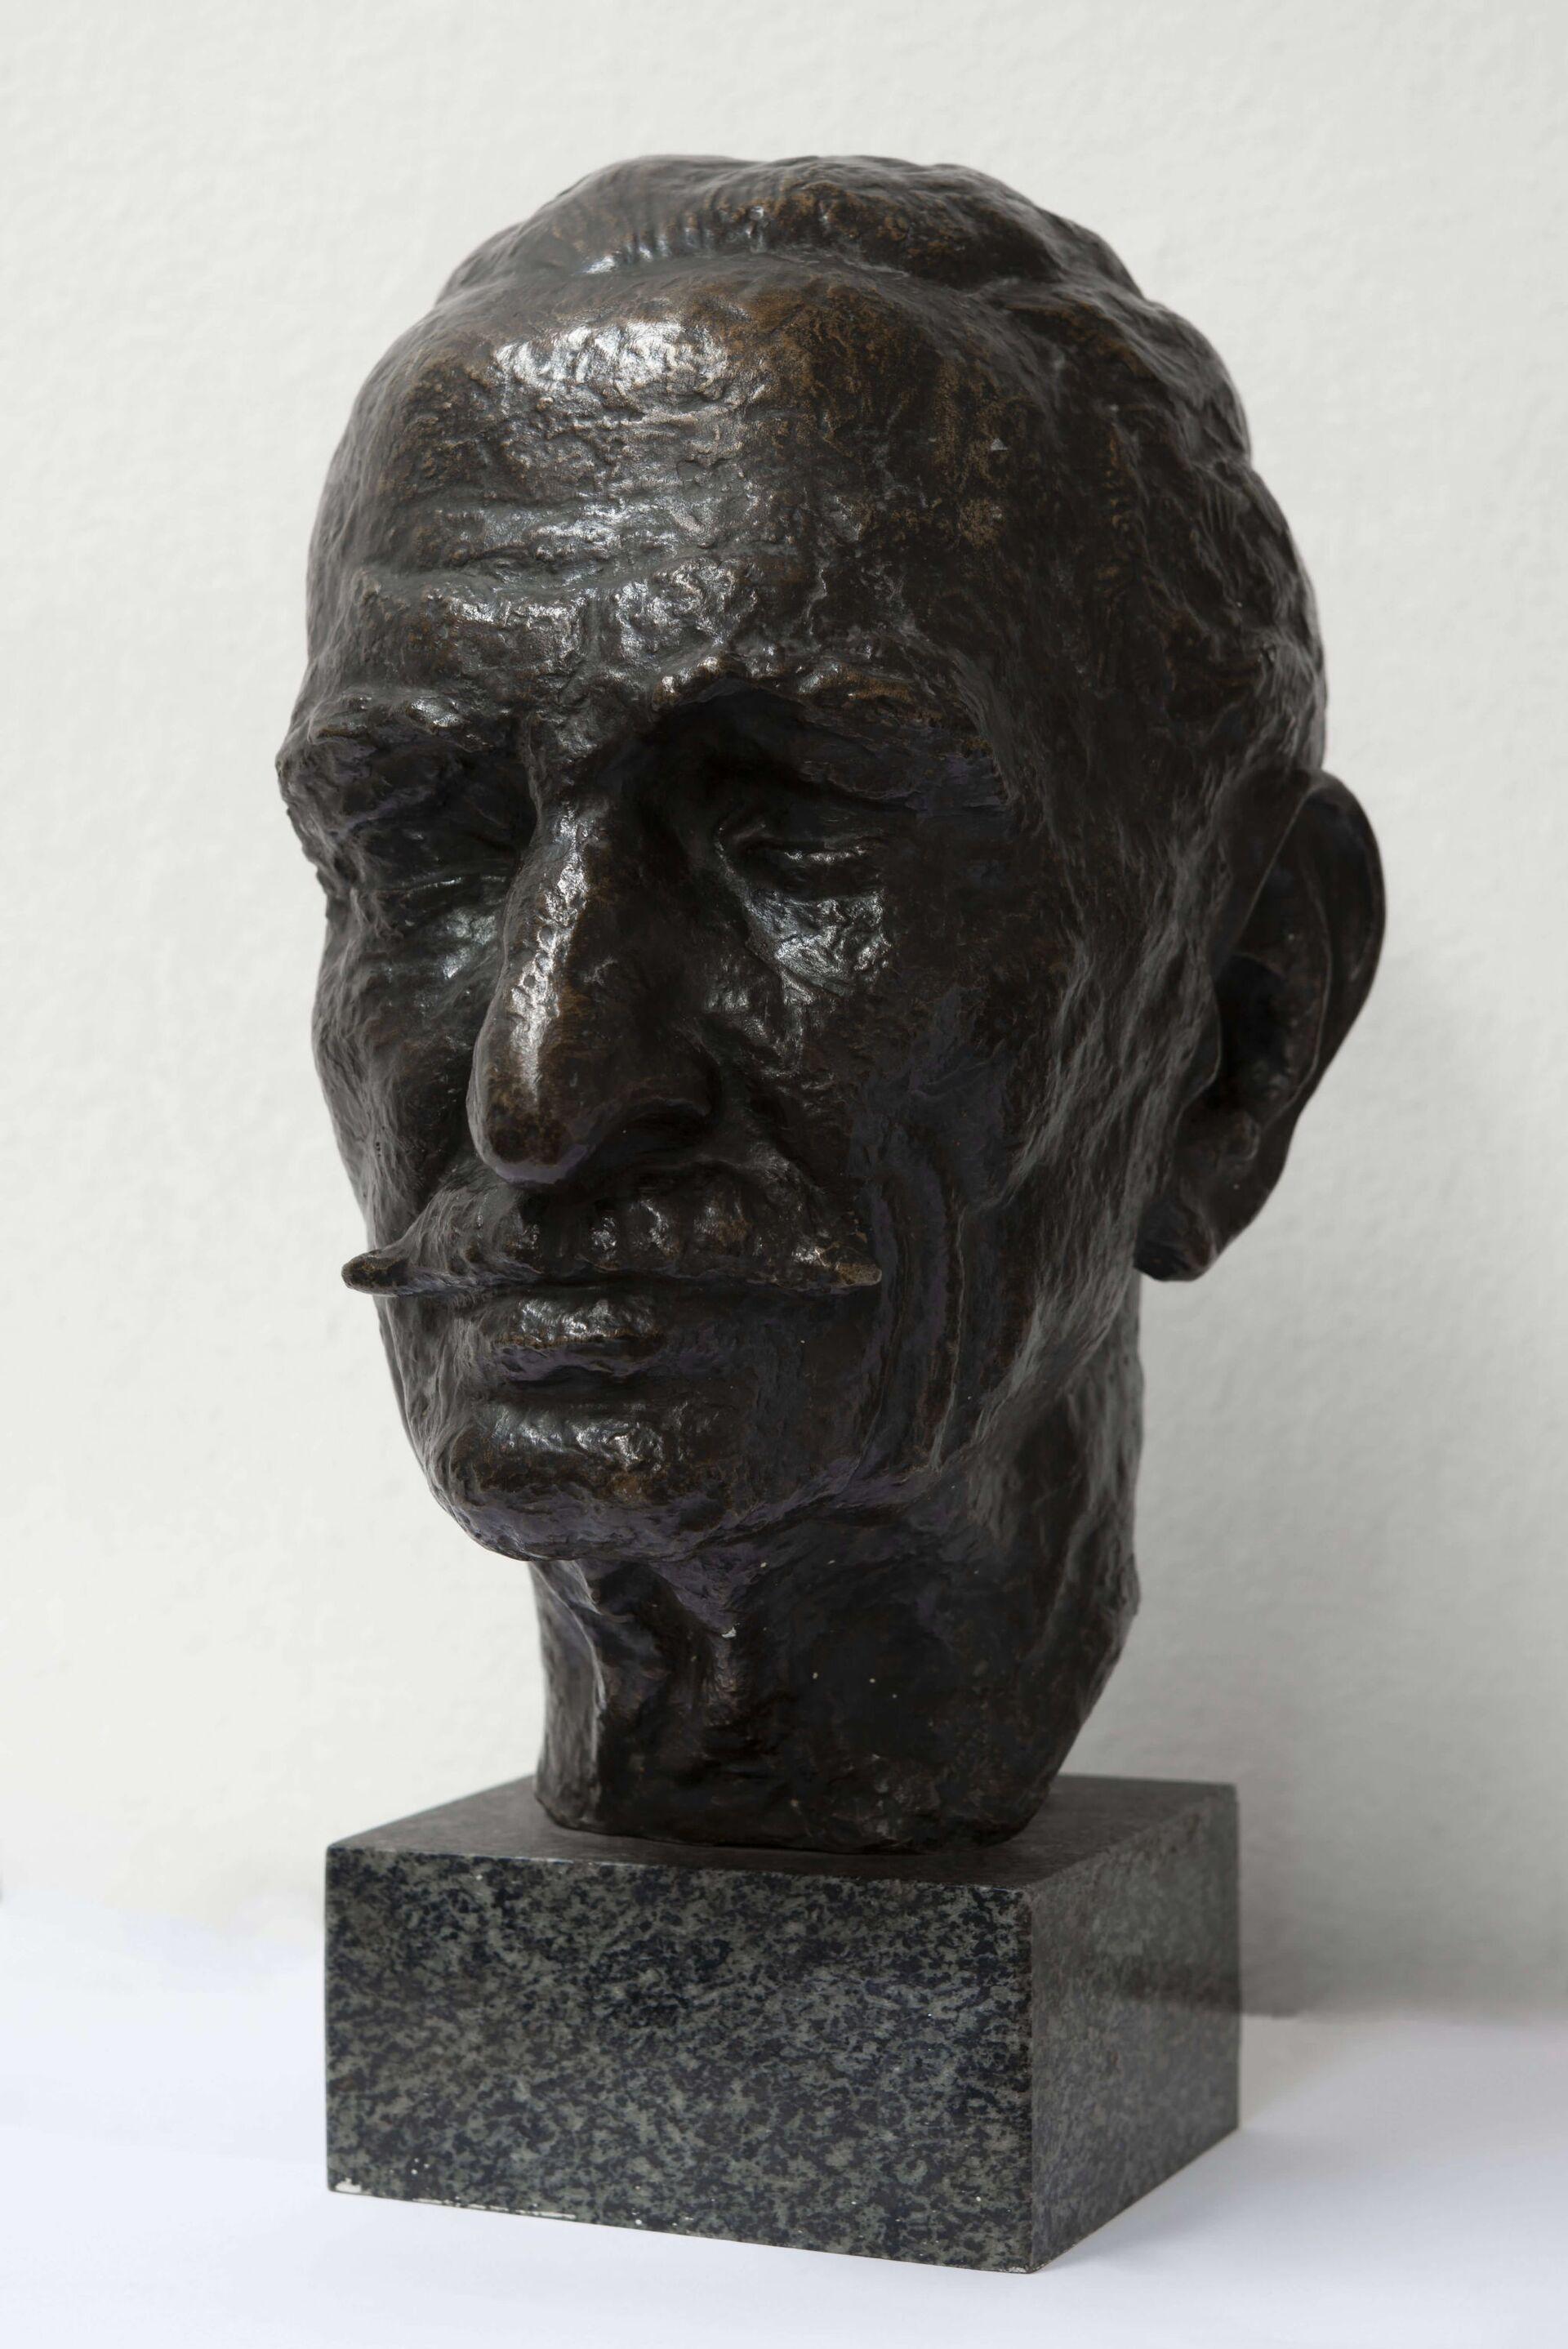 Сретен Стојановић: Уметник који је овековечио слободни дух свог народа - Sputnik Србија, 1920, 12.02.2021